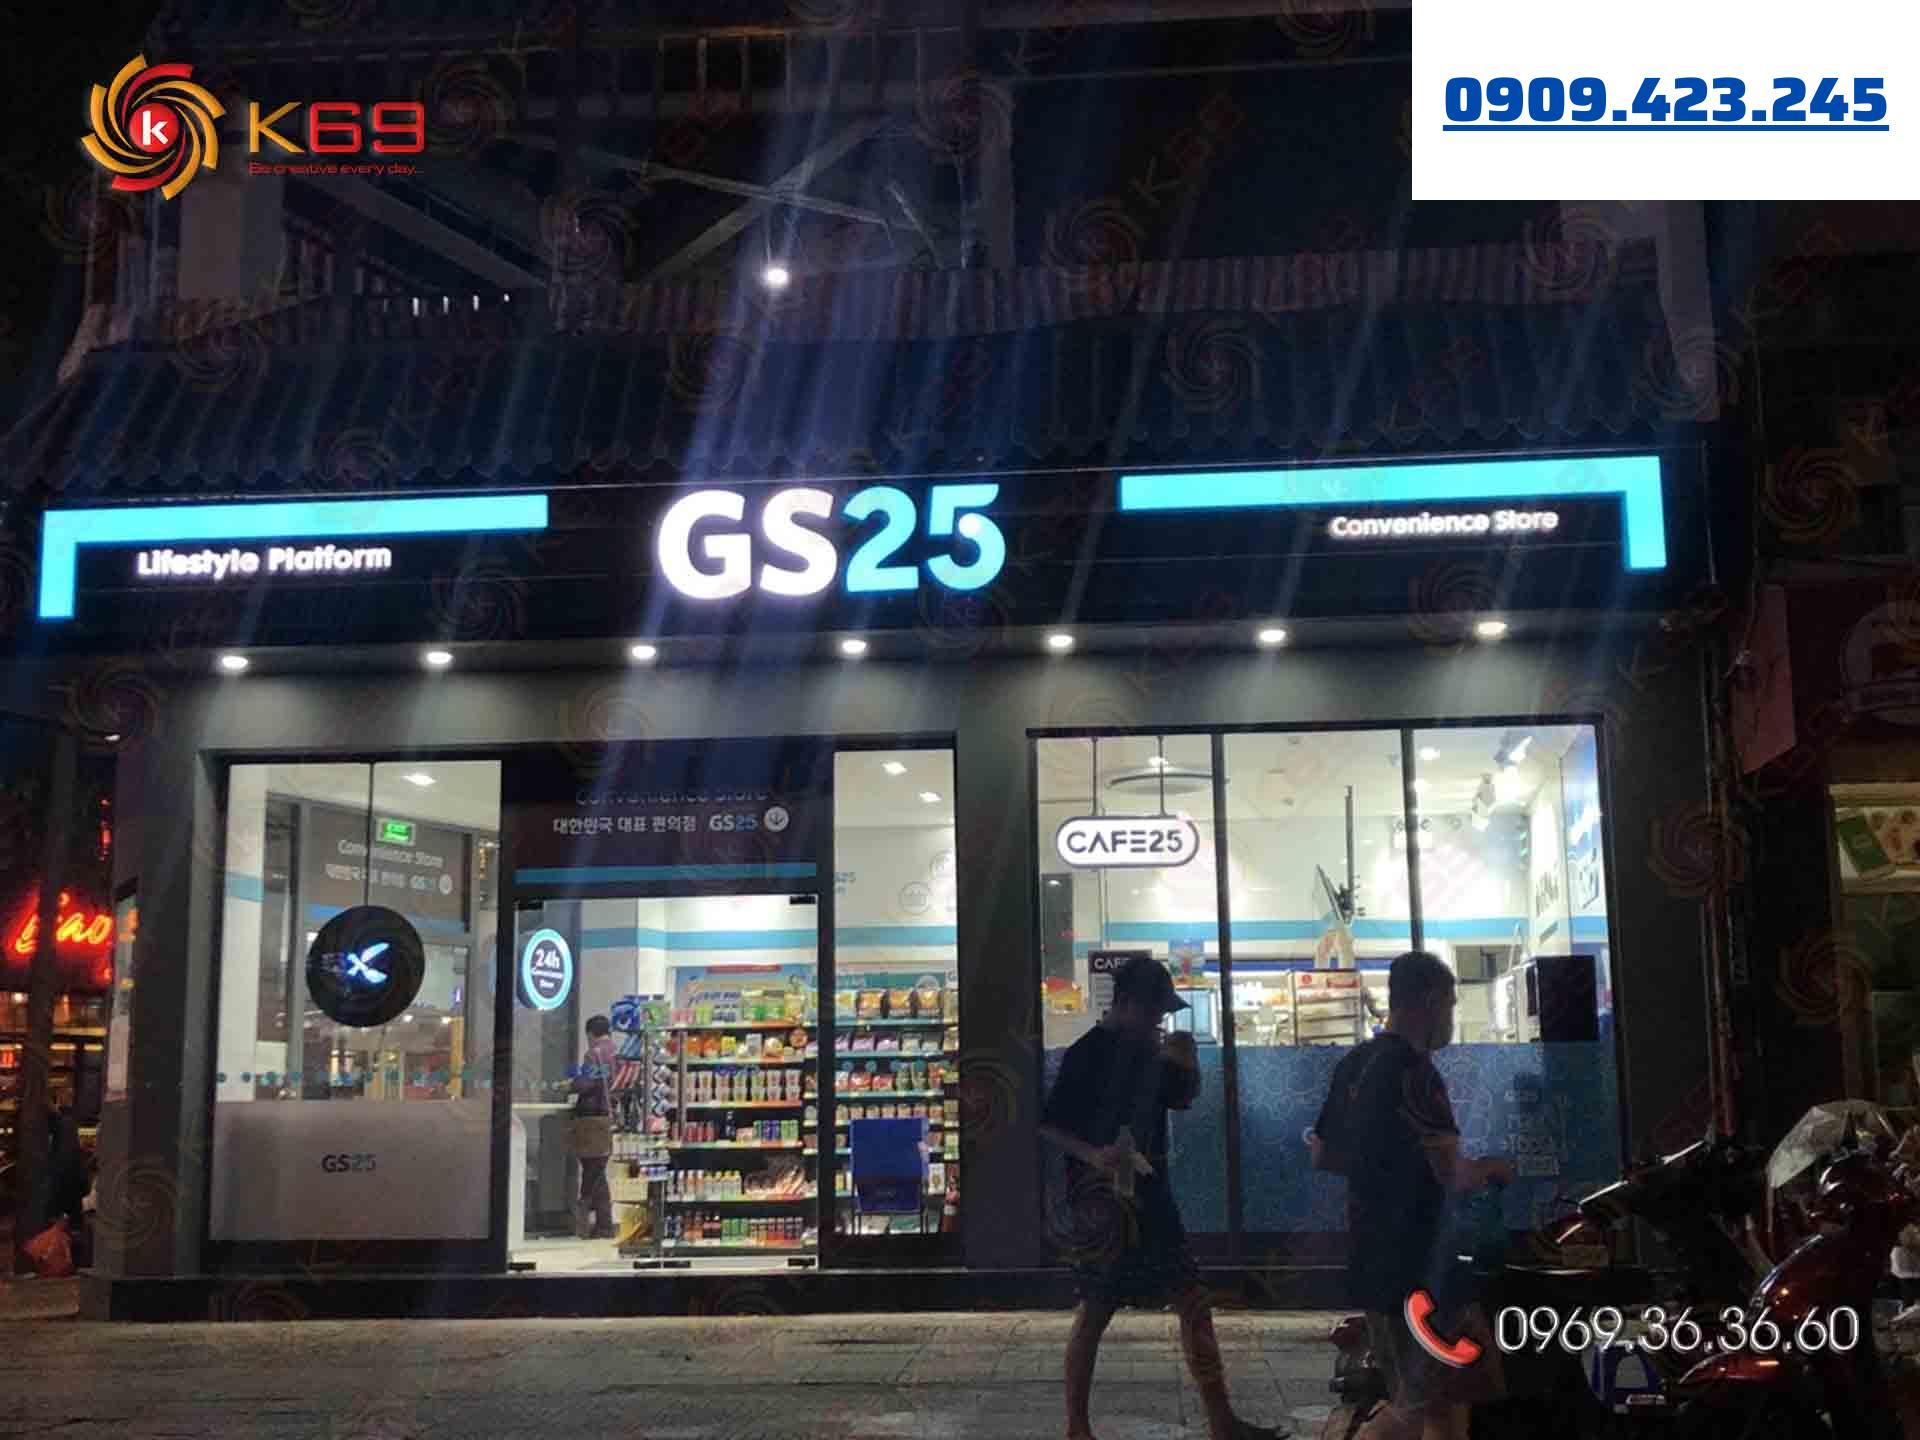 Mẫu bảng hiệu siêu thị GS25 đẹp tại K69adv